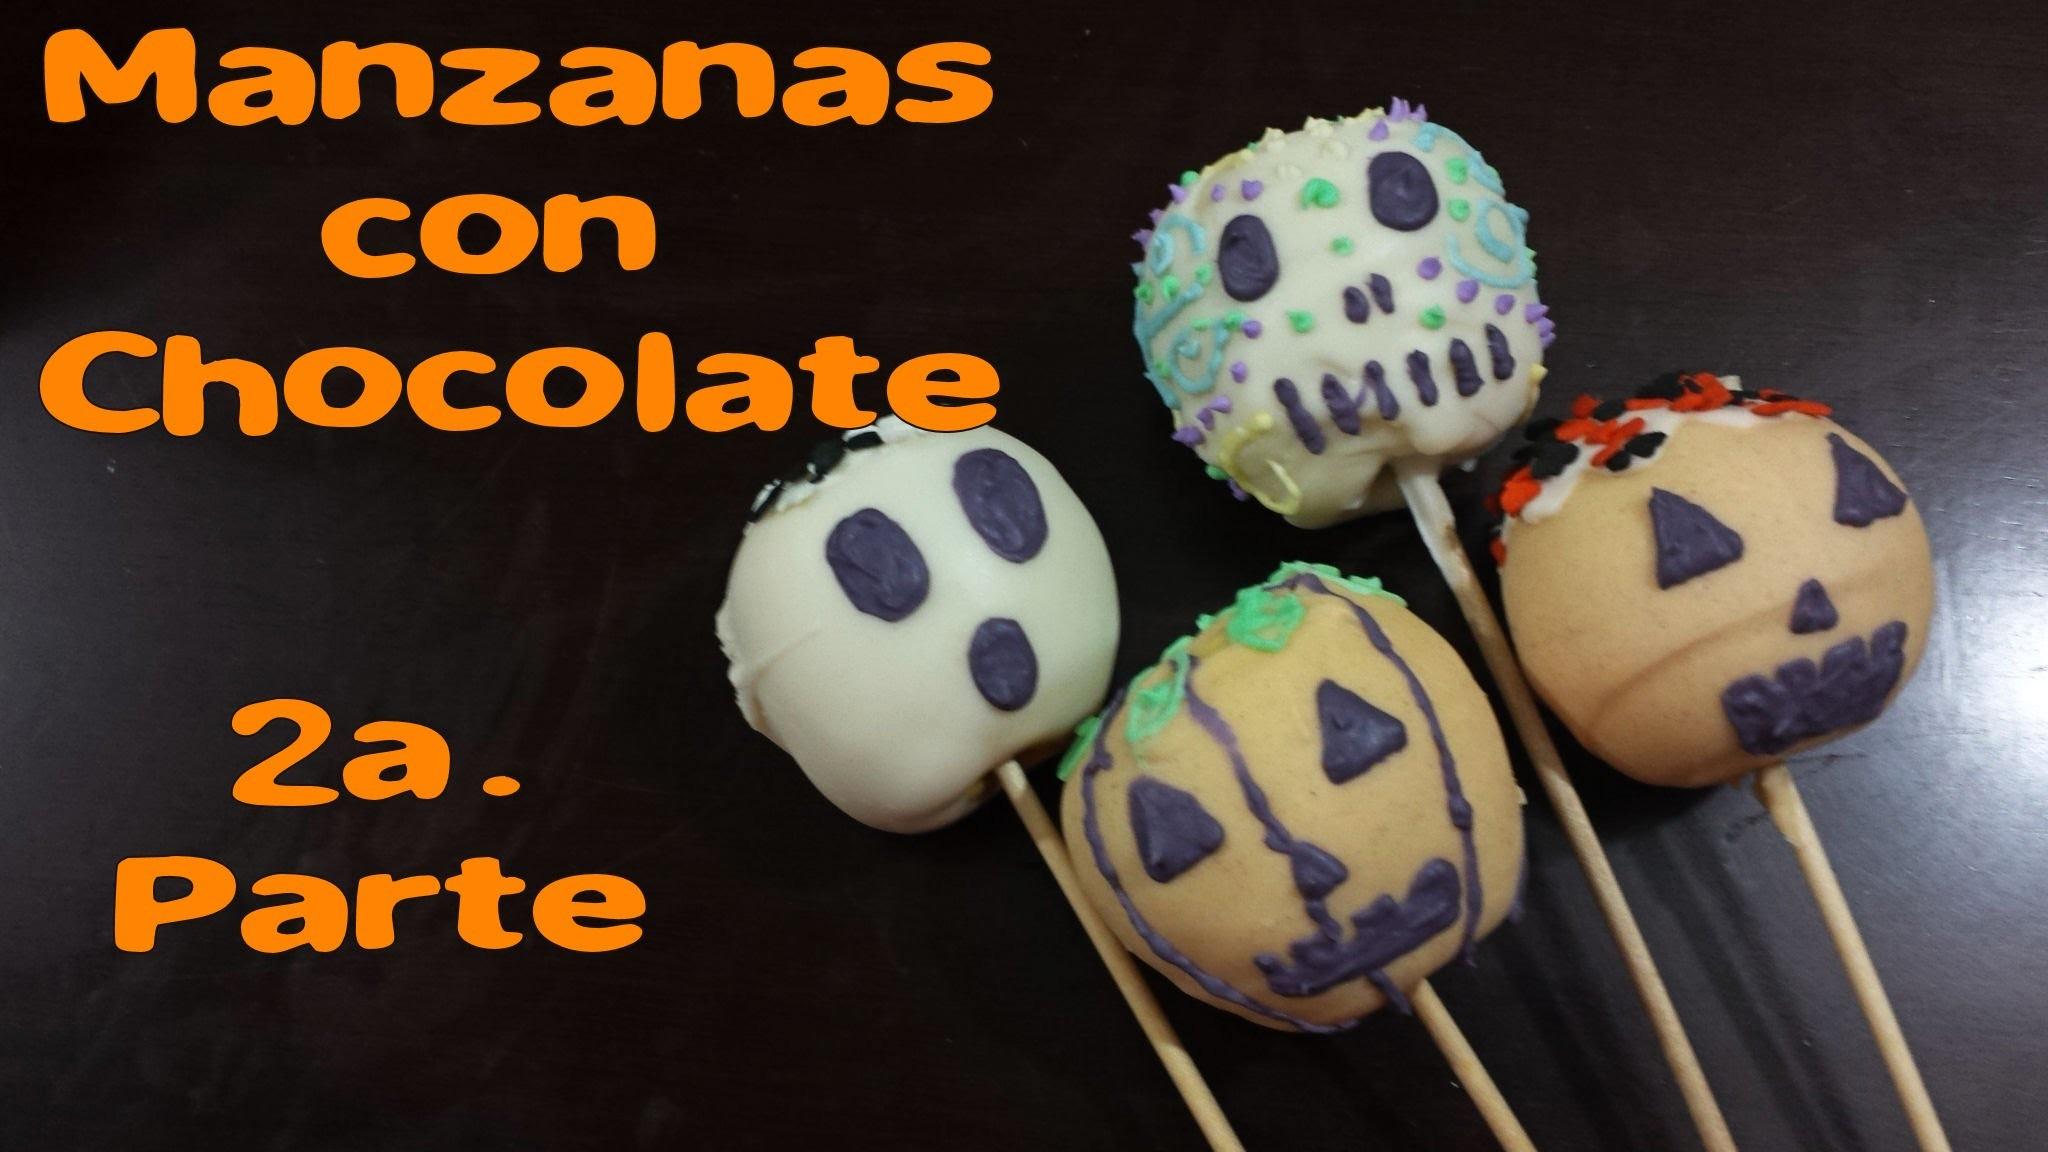 Manzanas con Chocolate Halloween #2.DIY TUTORIAL